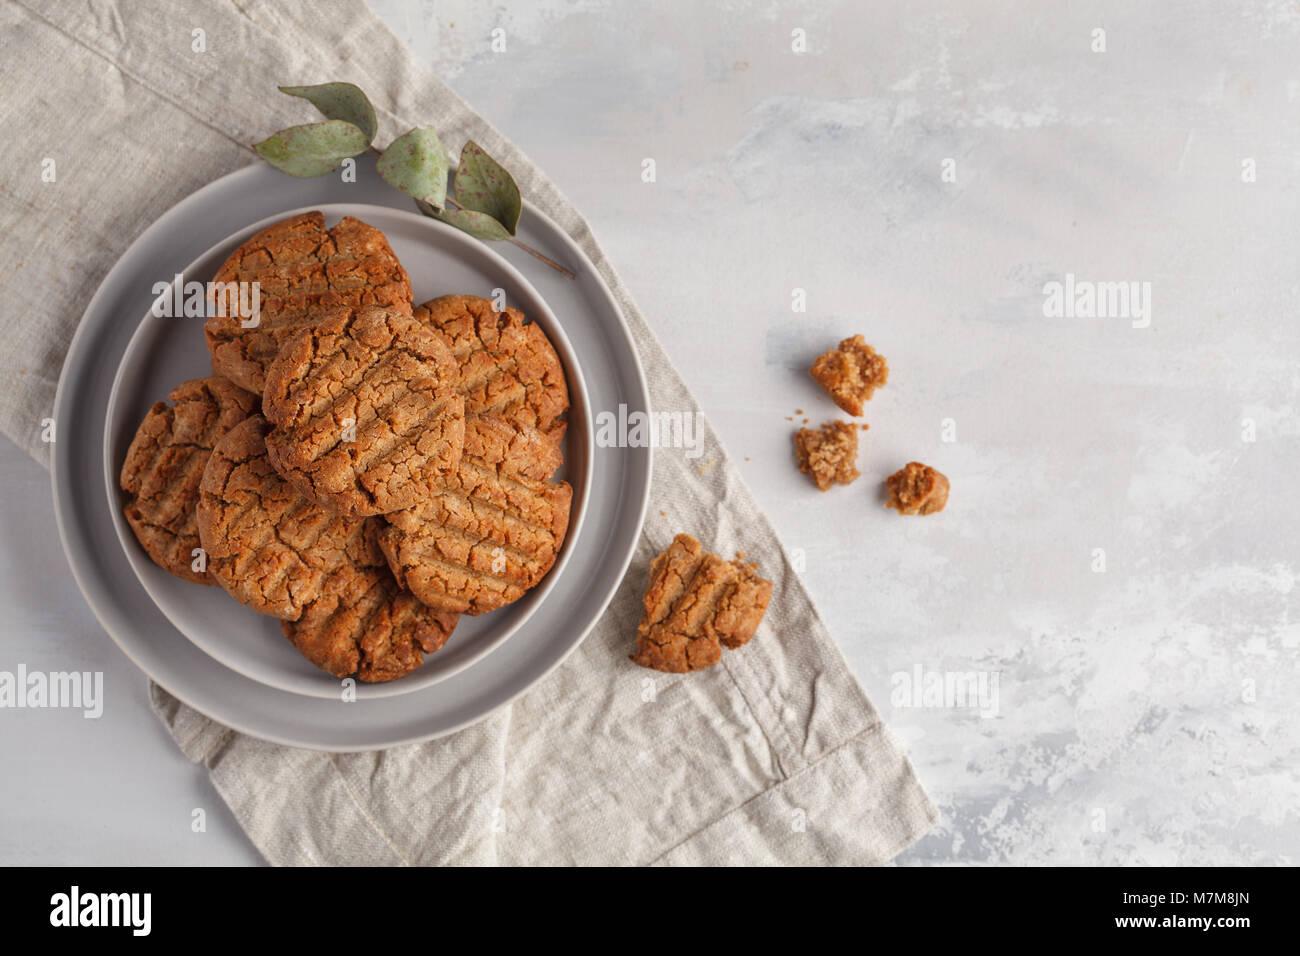 Le sane vegan cookies. Cibo vegetariano concetto. Immagini Stock